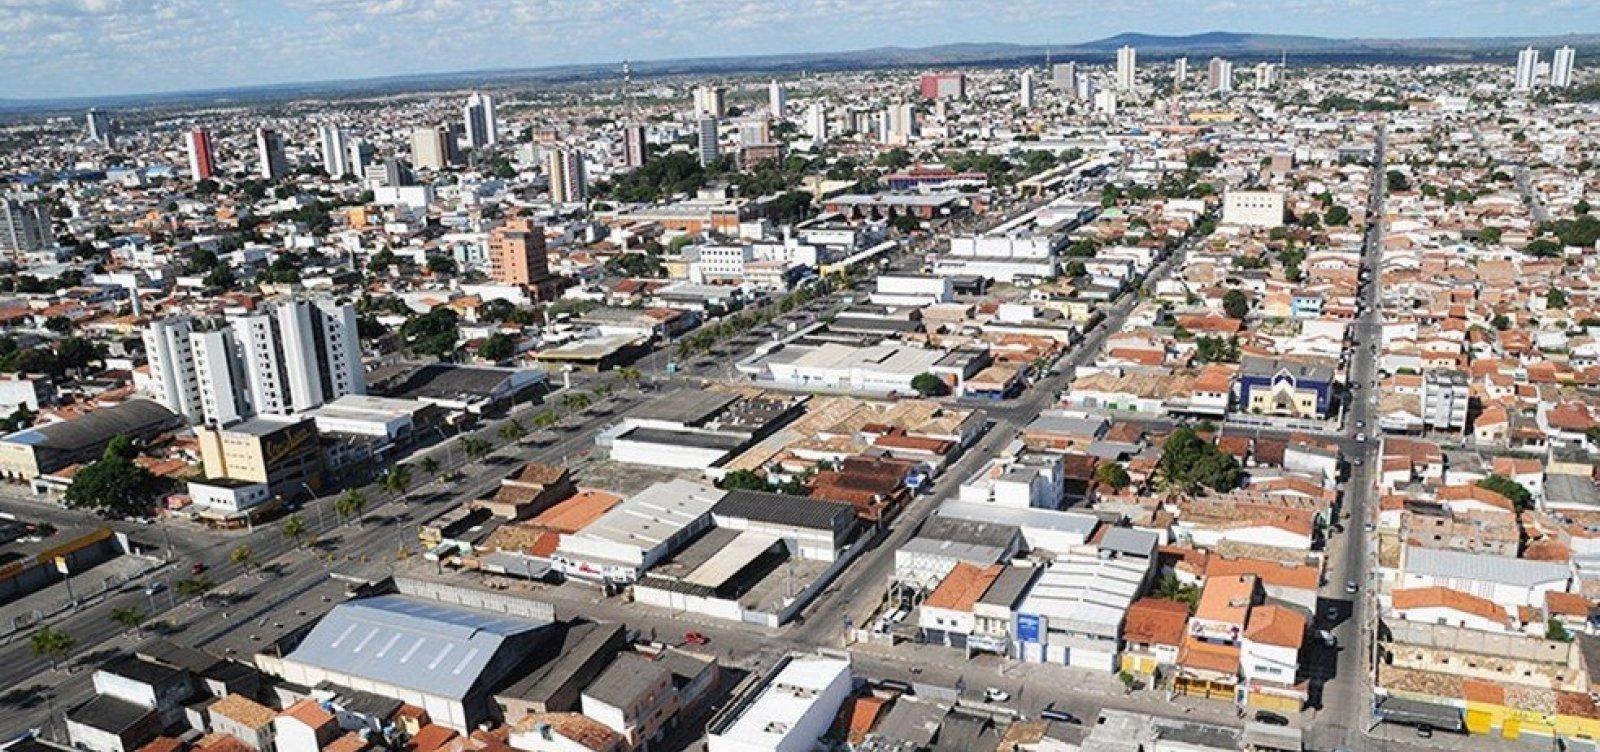 [Prefeitura de Feira de Santana anuncia reabertura de shoppings]